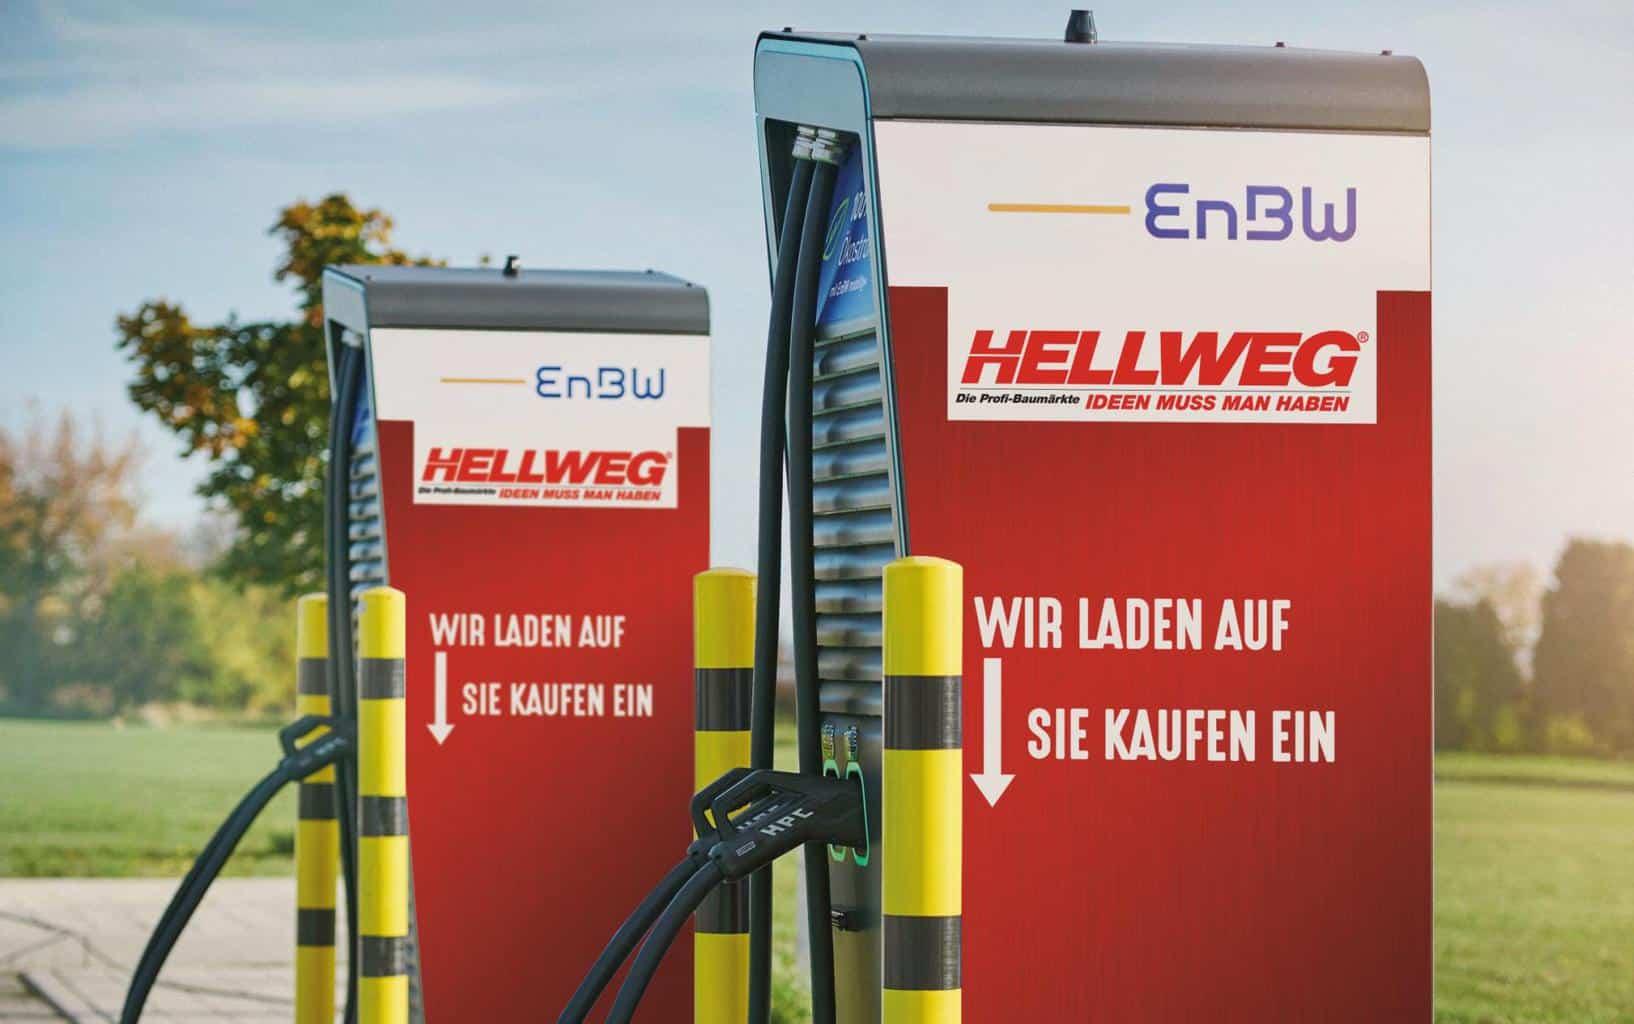 EnBW: Weitere 80 Ultraschnellladestationen für HELLWEG Bau- und Gartenmärkte